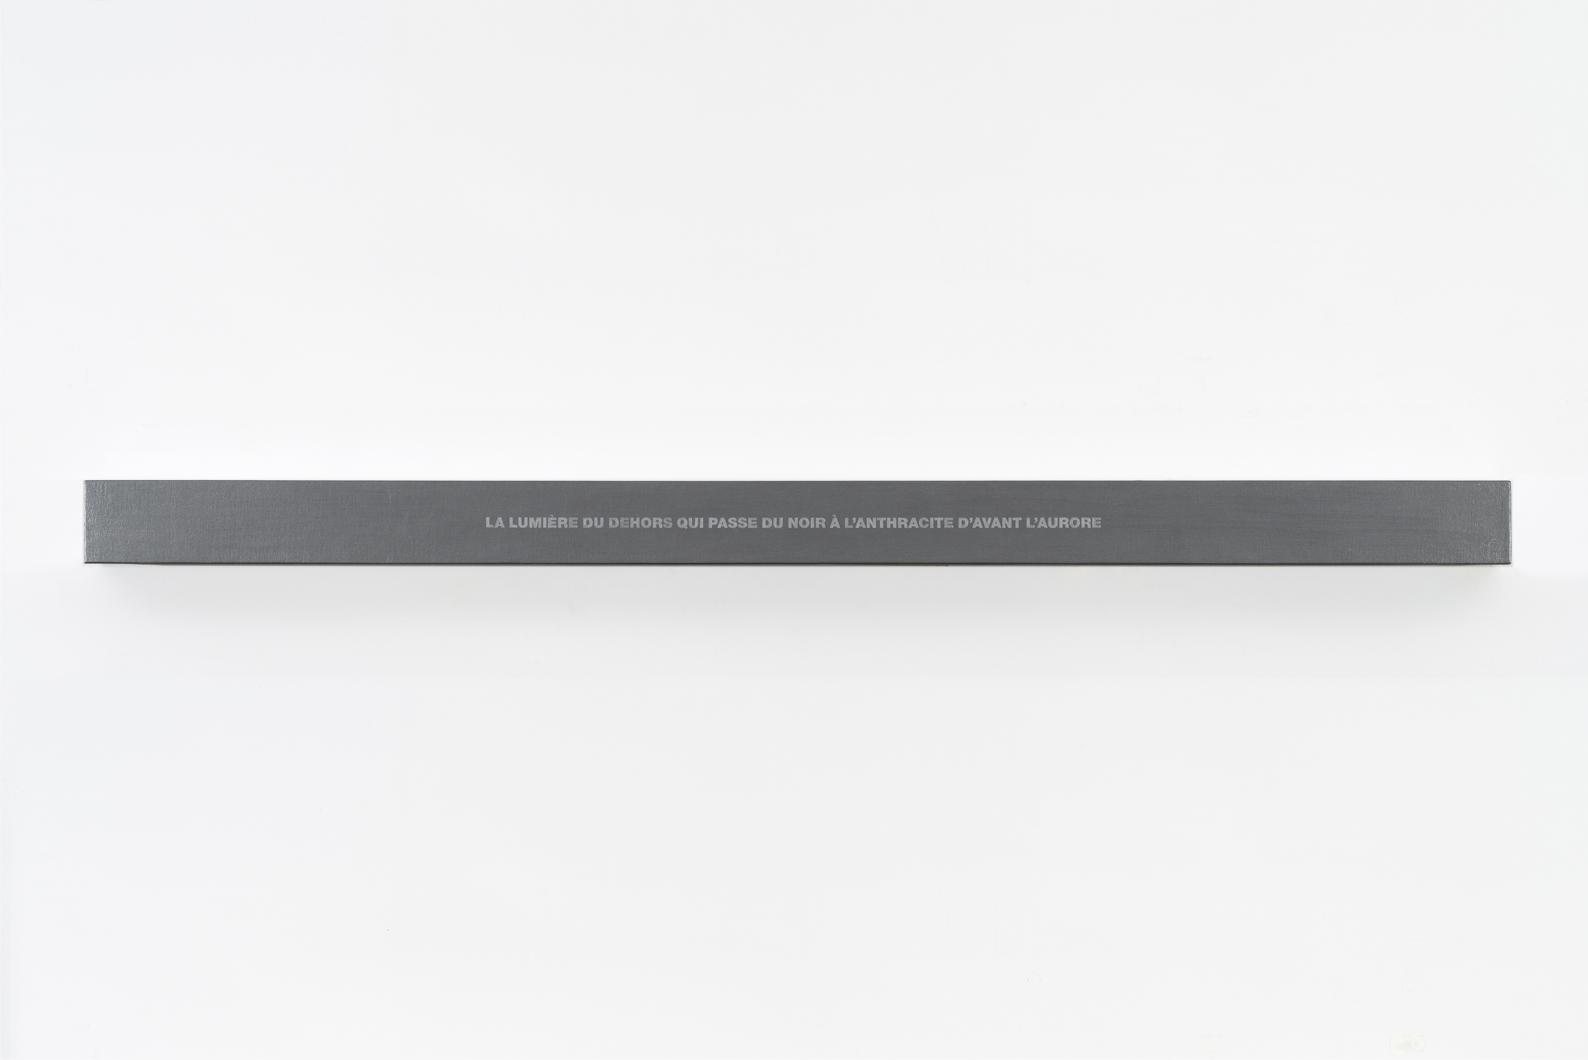 Francine Savard, Lumière d'avant l'aurore, 2018, Médiums mixtes sur toile marouflée sur caisson de bois, 10,16 × 177,8 × 10,16 cm / 4 x 70 x 4 pouces